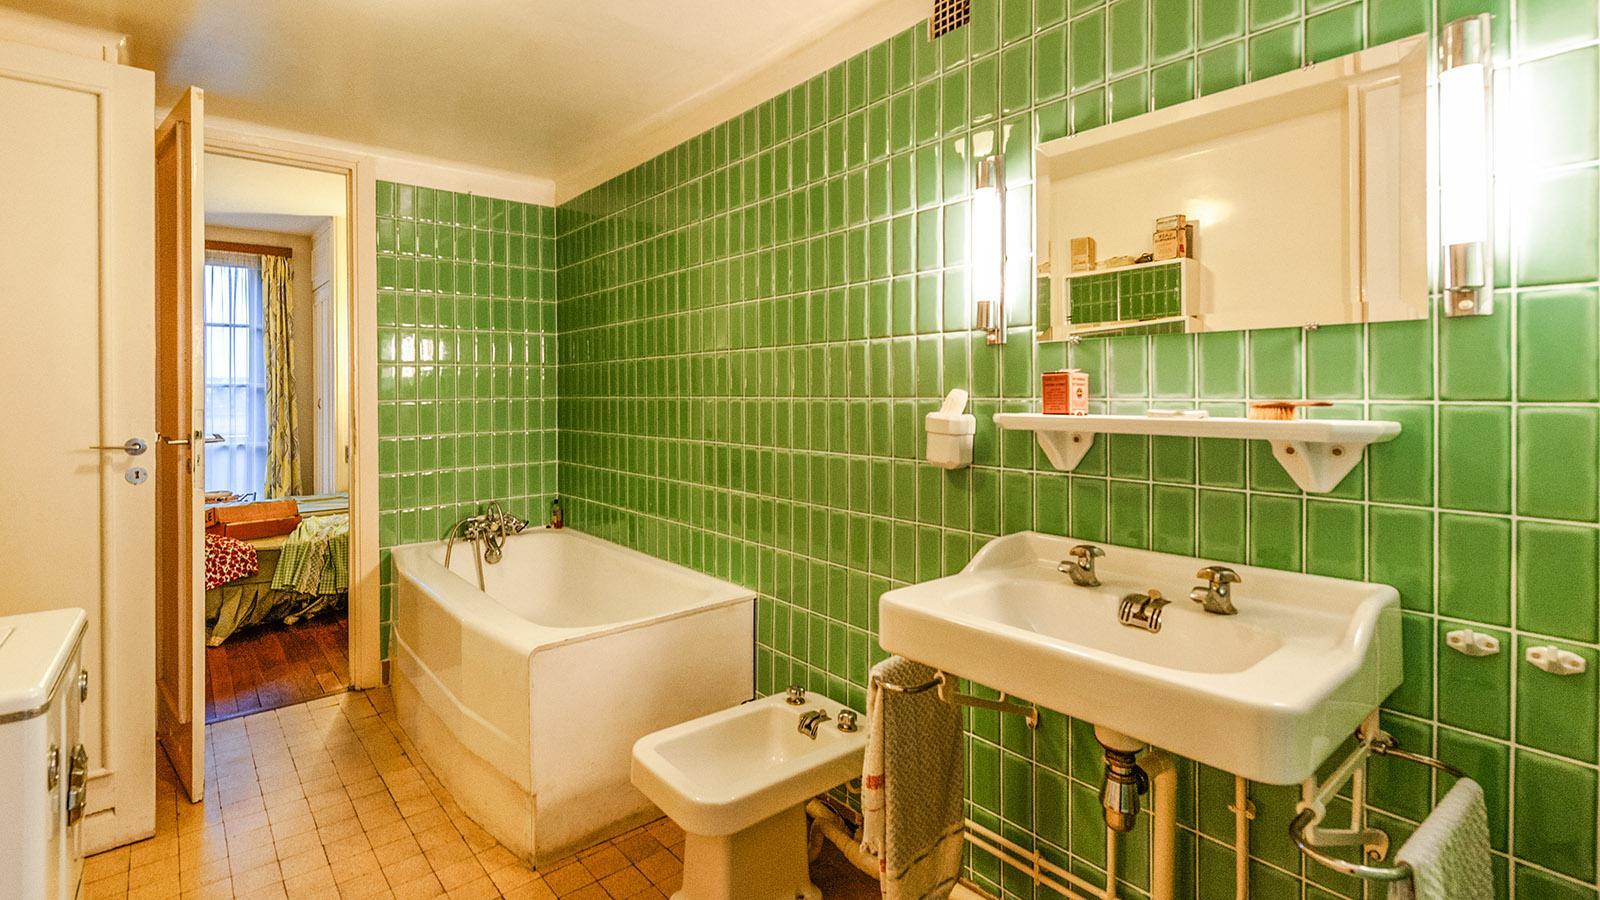 Appartement Témoin: das Badezimmer. Foto: Hilke Maunder